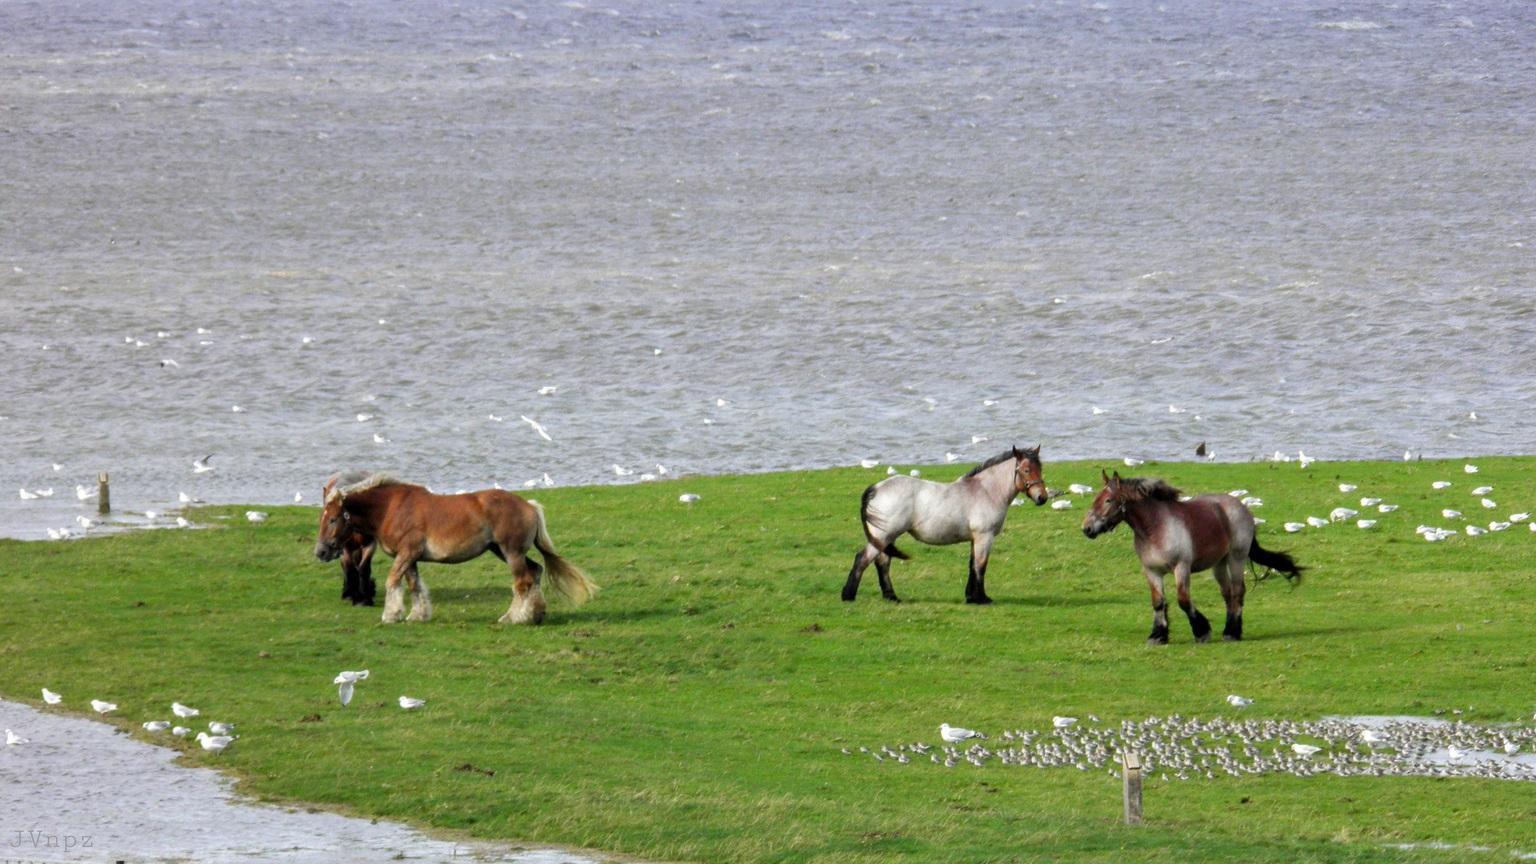 Hoog water NPZ - dit was in 2017 op Noordpolderzijl tijdens een storm.  - foto door Vissernpz op 04-05-2021 - locatie: 9988 TE Noordpolderzijl, Nederland - deze foto bevat: vloed, hoog water, noordpolderzijl, paarden, vogels, wad, kwelder, waddenzee, paard, water, ecoregio, natuurlijke omgeving, natuurlijk landschap, lichaam van water, werkend dier, grasland, grazen, gras